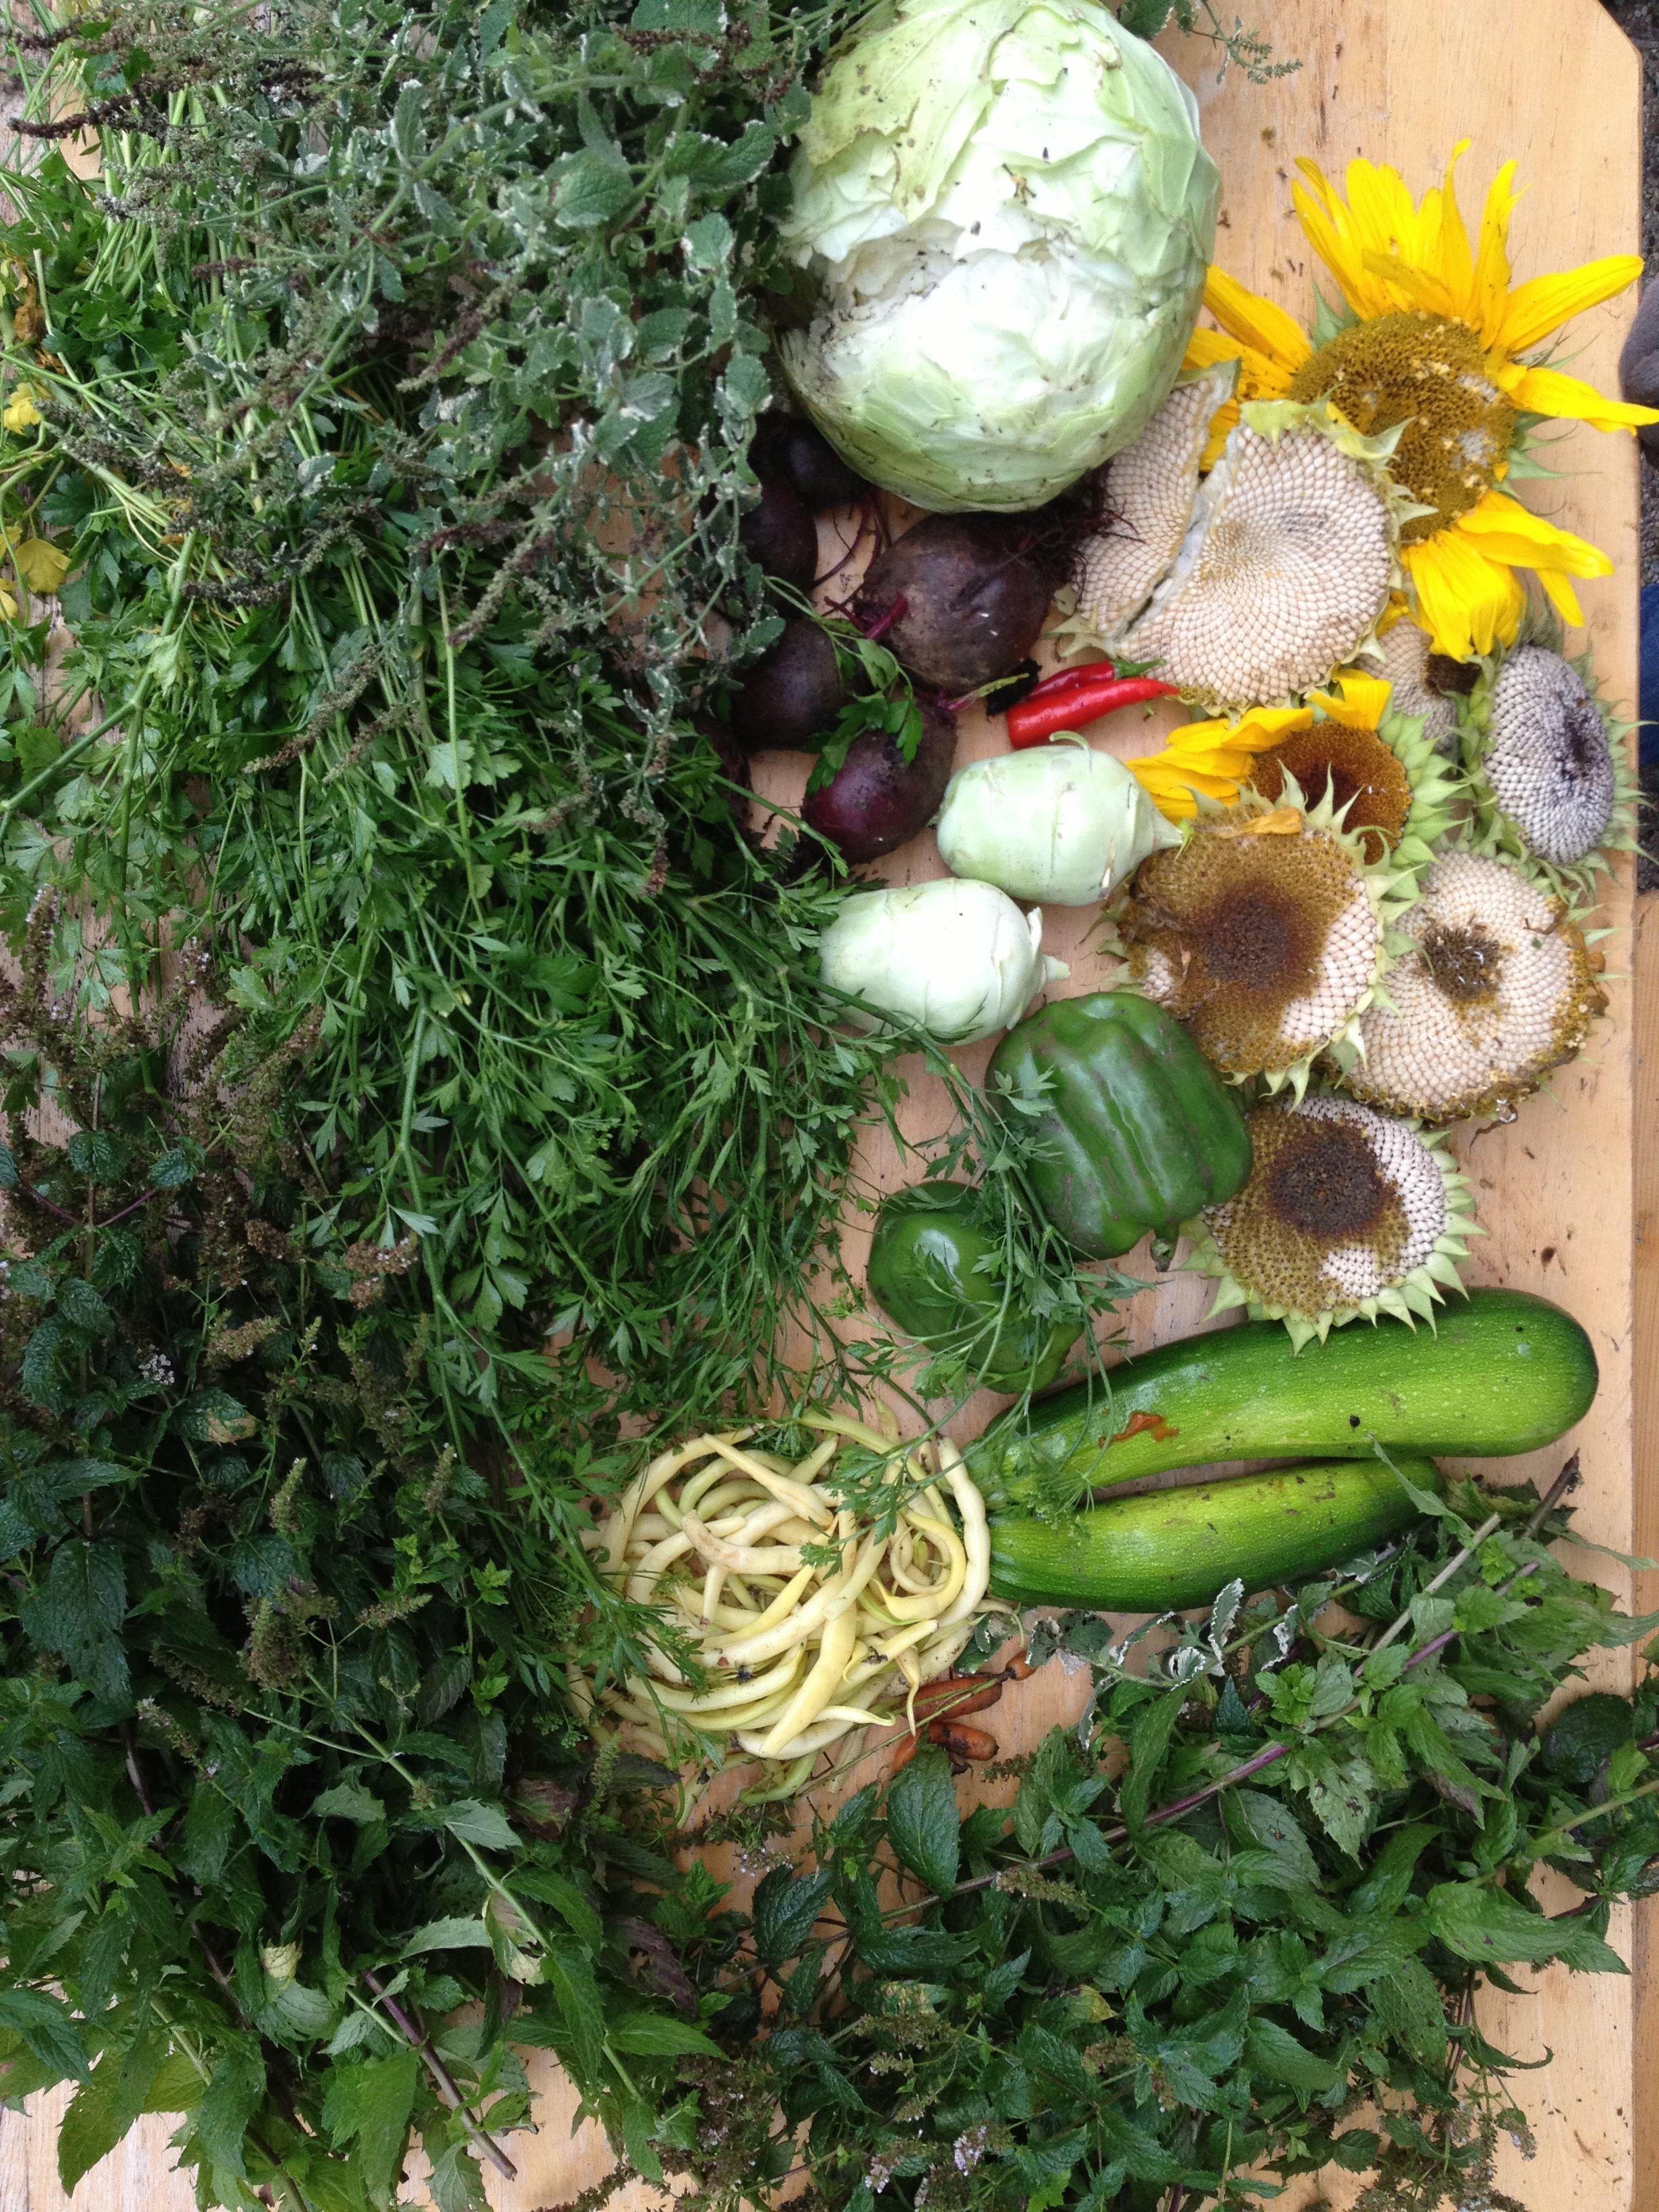 Unsere Ernte vom letzten Wochenende #Gemüse #Bio #Vegetables